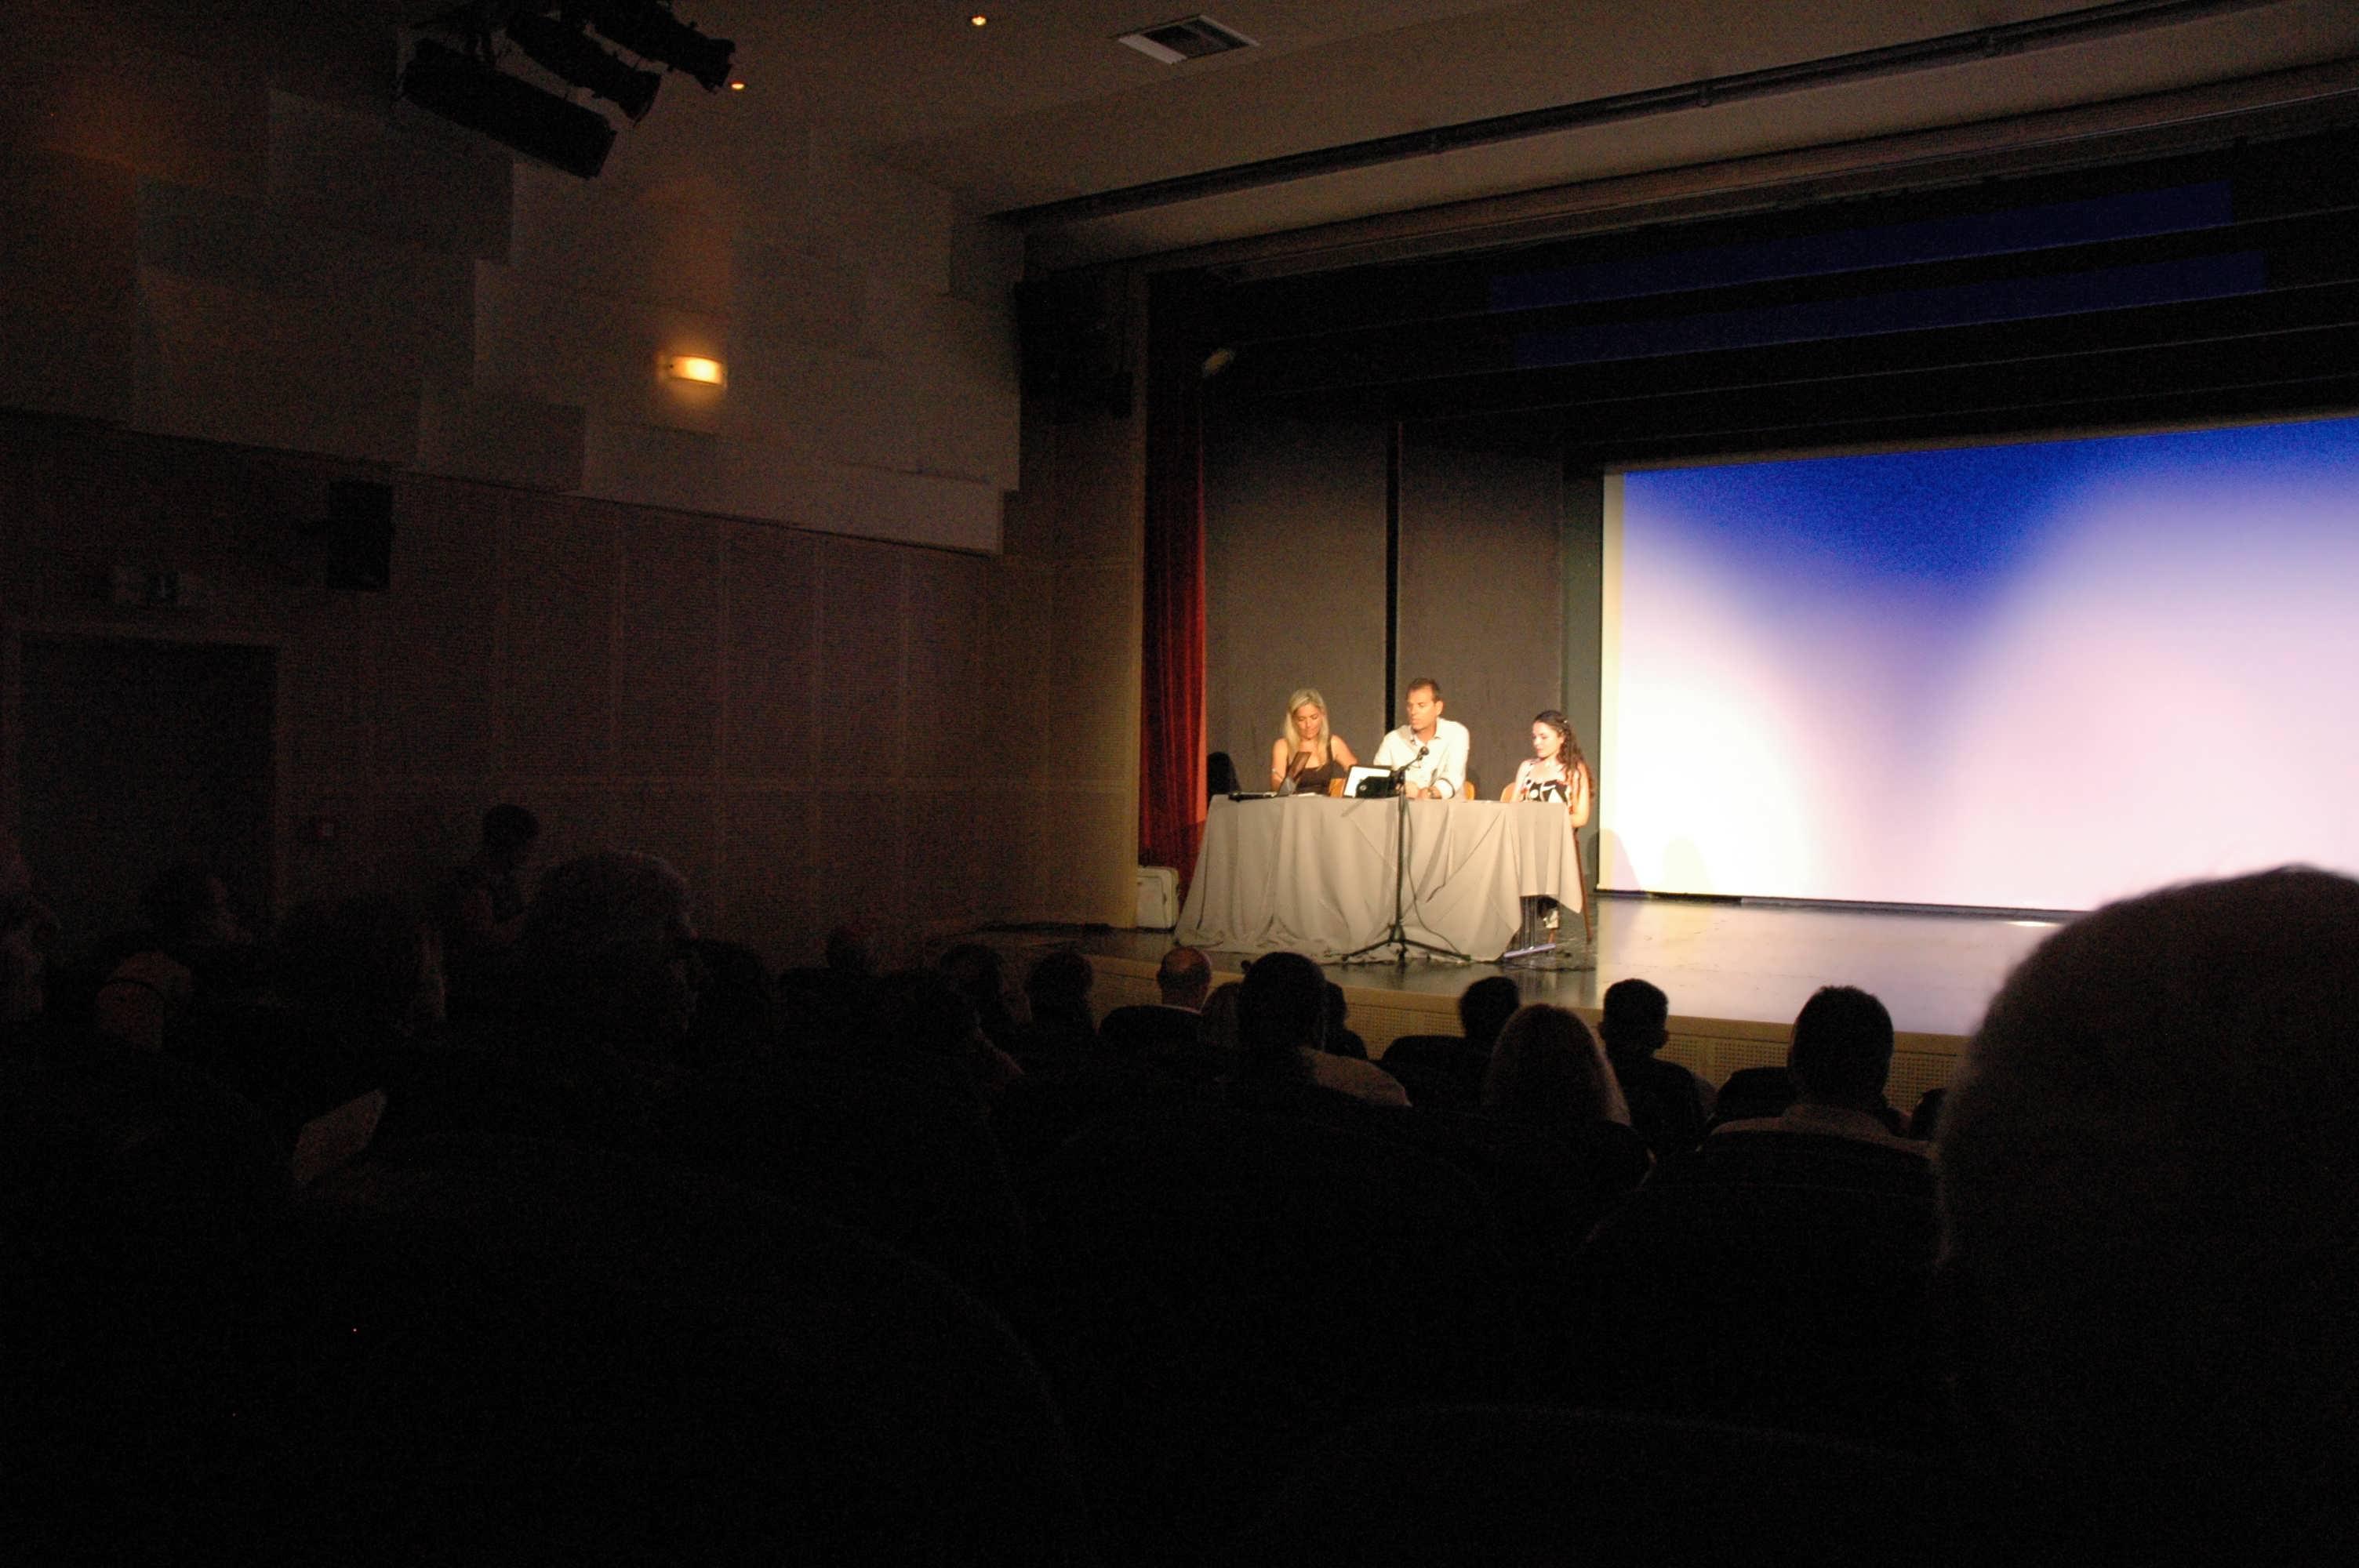 Παρουσίαση της ποιητικής συλλογής «Άπαντα Ποιήματα-Αλληλογραφία-Εργοκριτική» του Μίνου Ζώτου